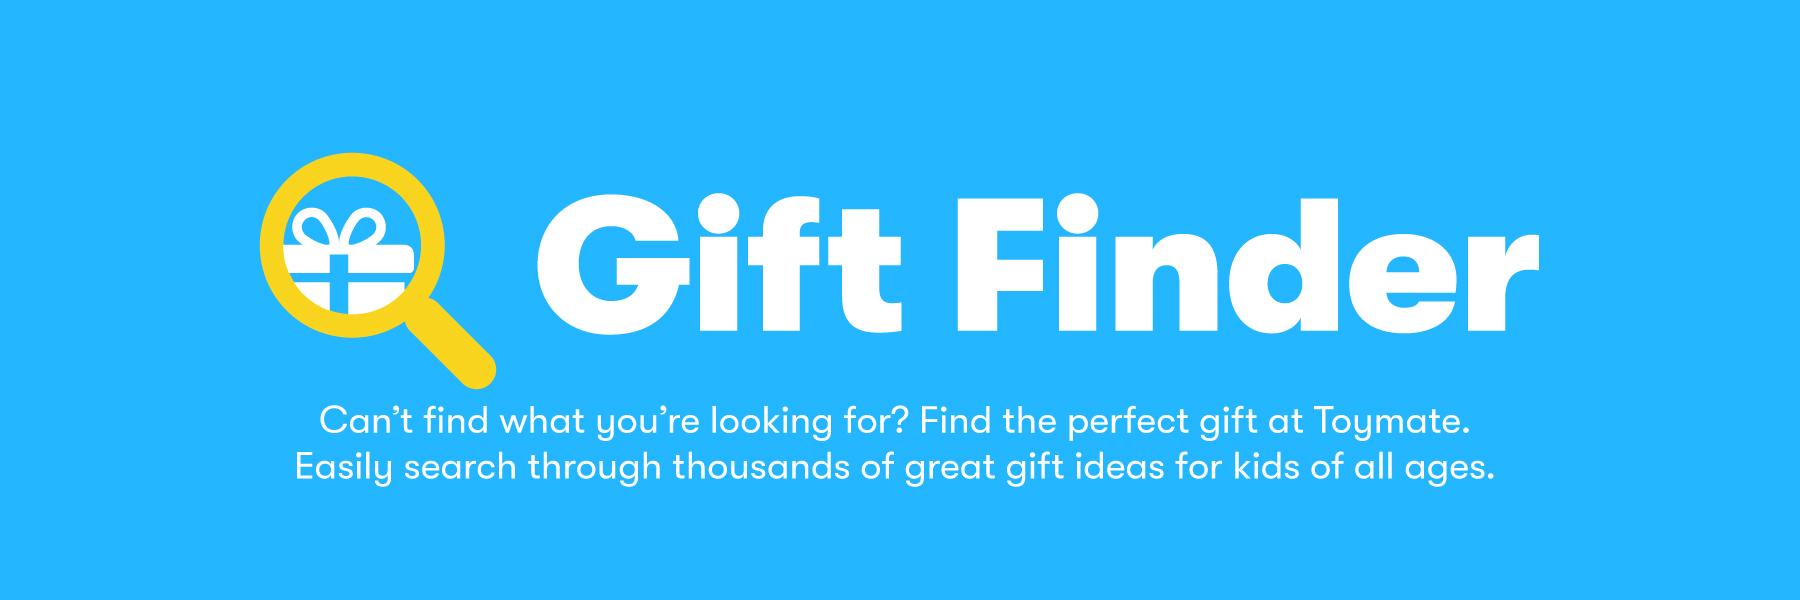 genericbanner-giftfinder-1800x600-homepage.jpg